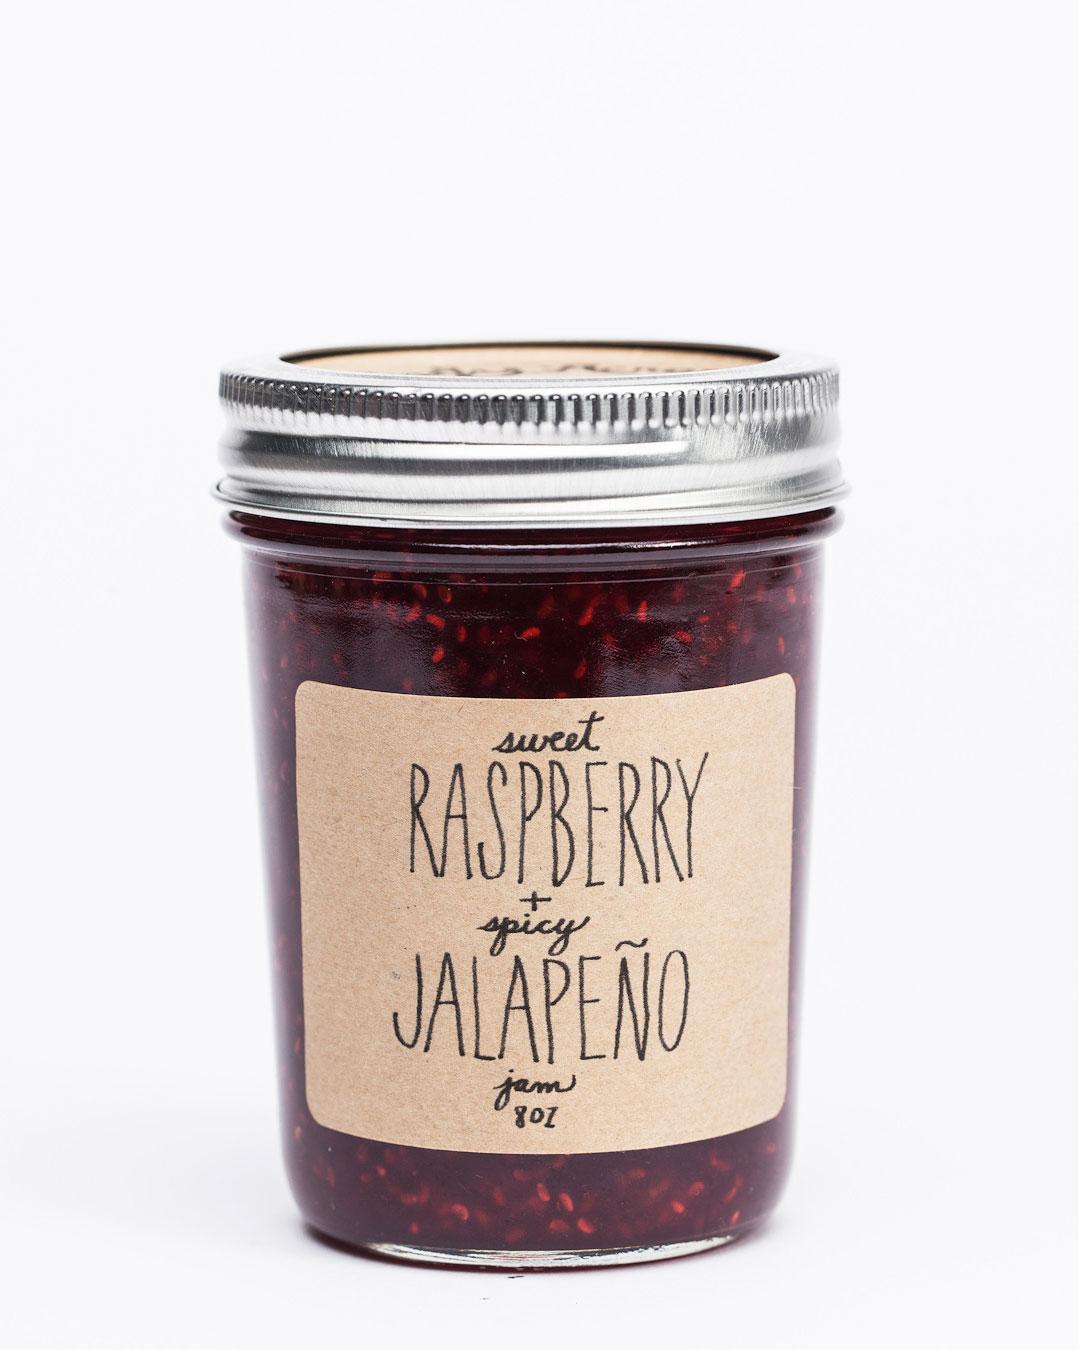 raspberry-jalapeno-jam-0216.jpg